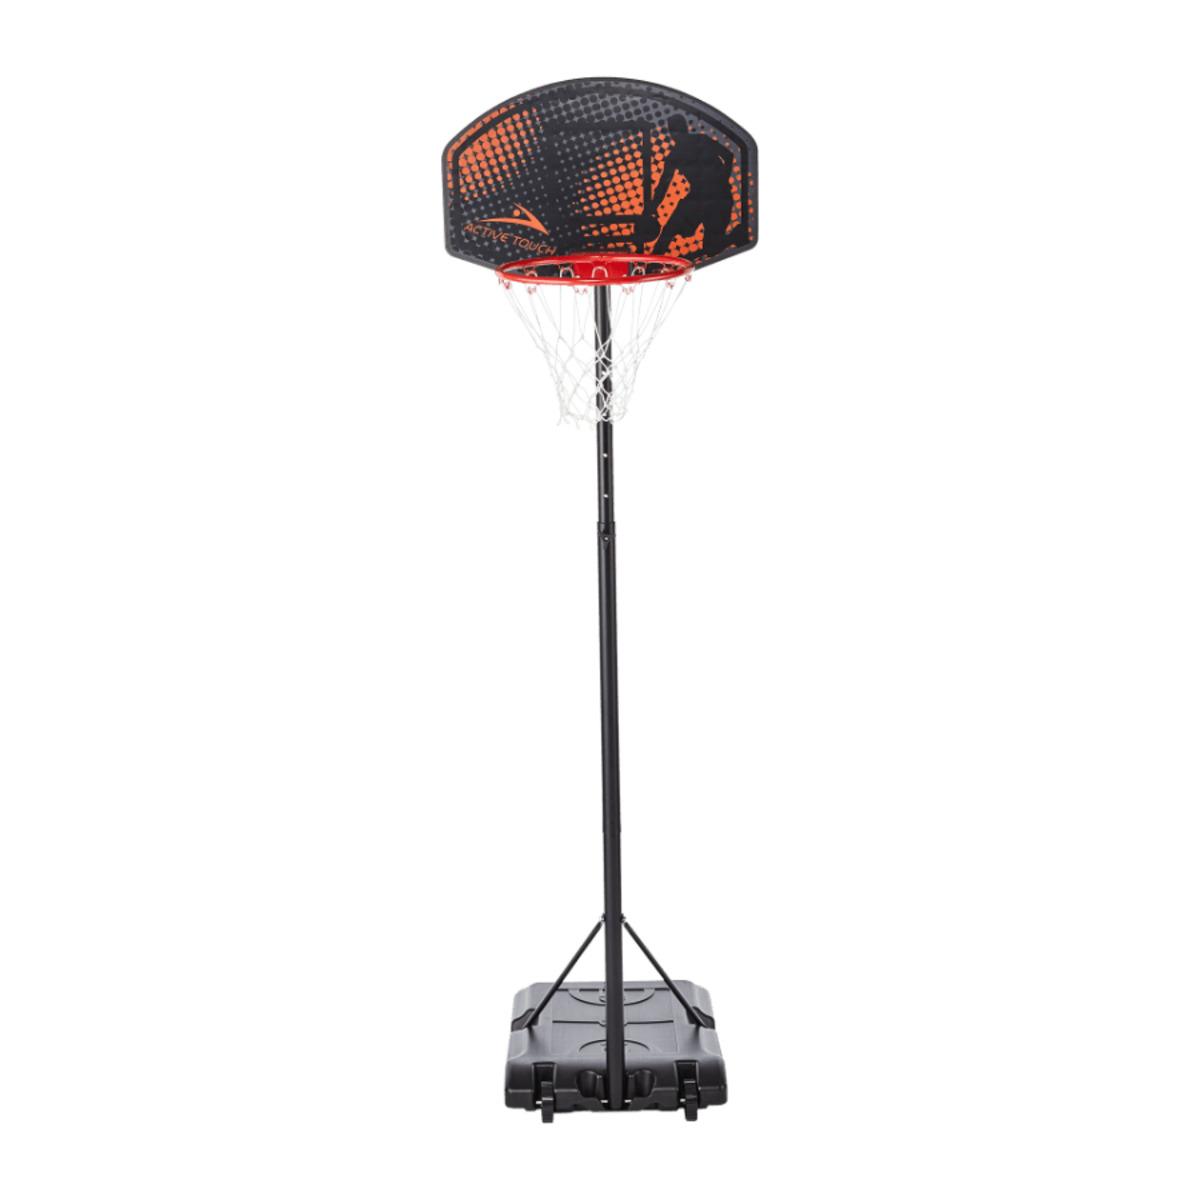 Bild 1 von ACTIVE TOUCH     Basketballkorb mit Ständer